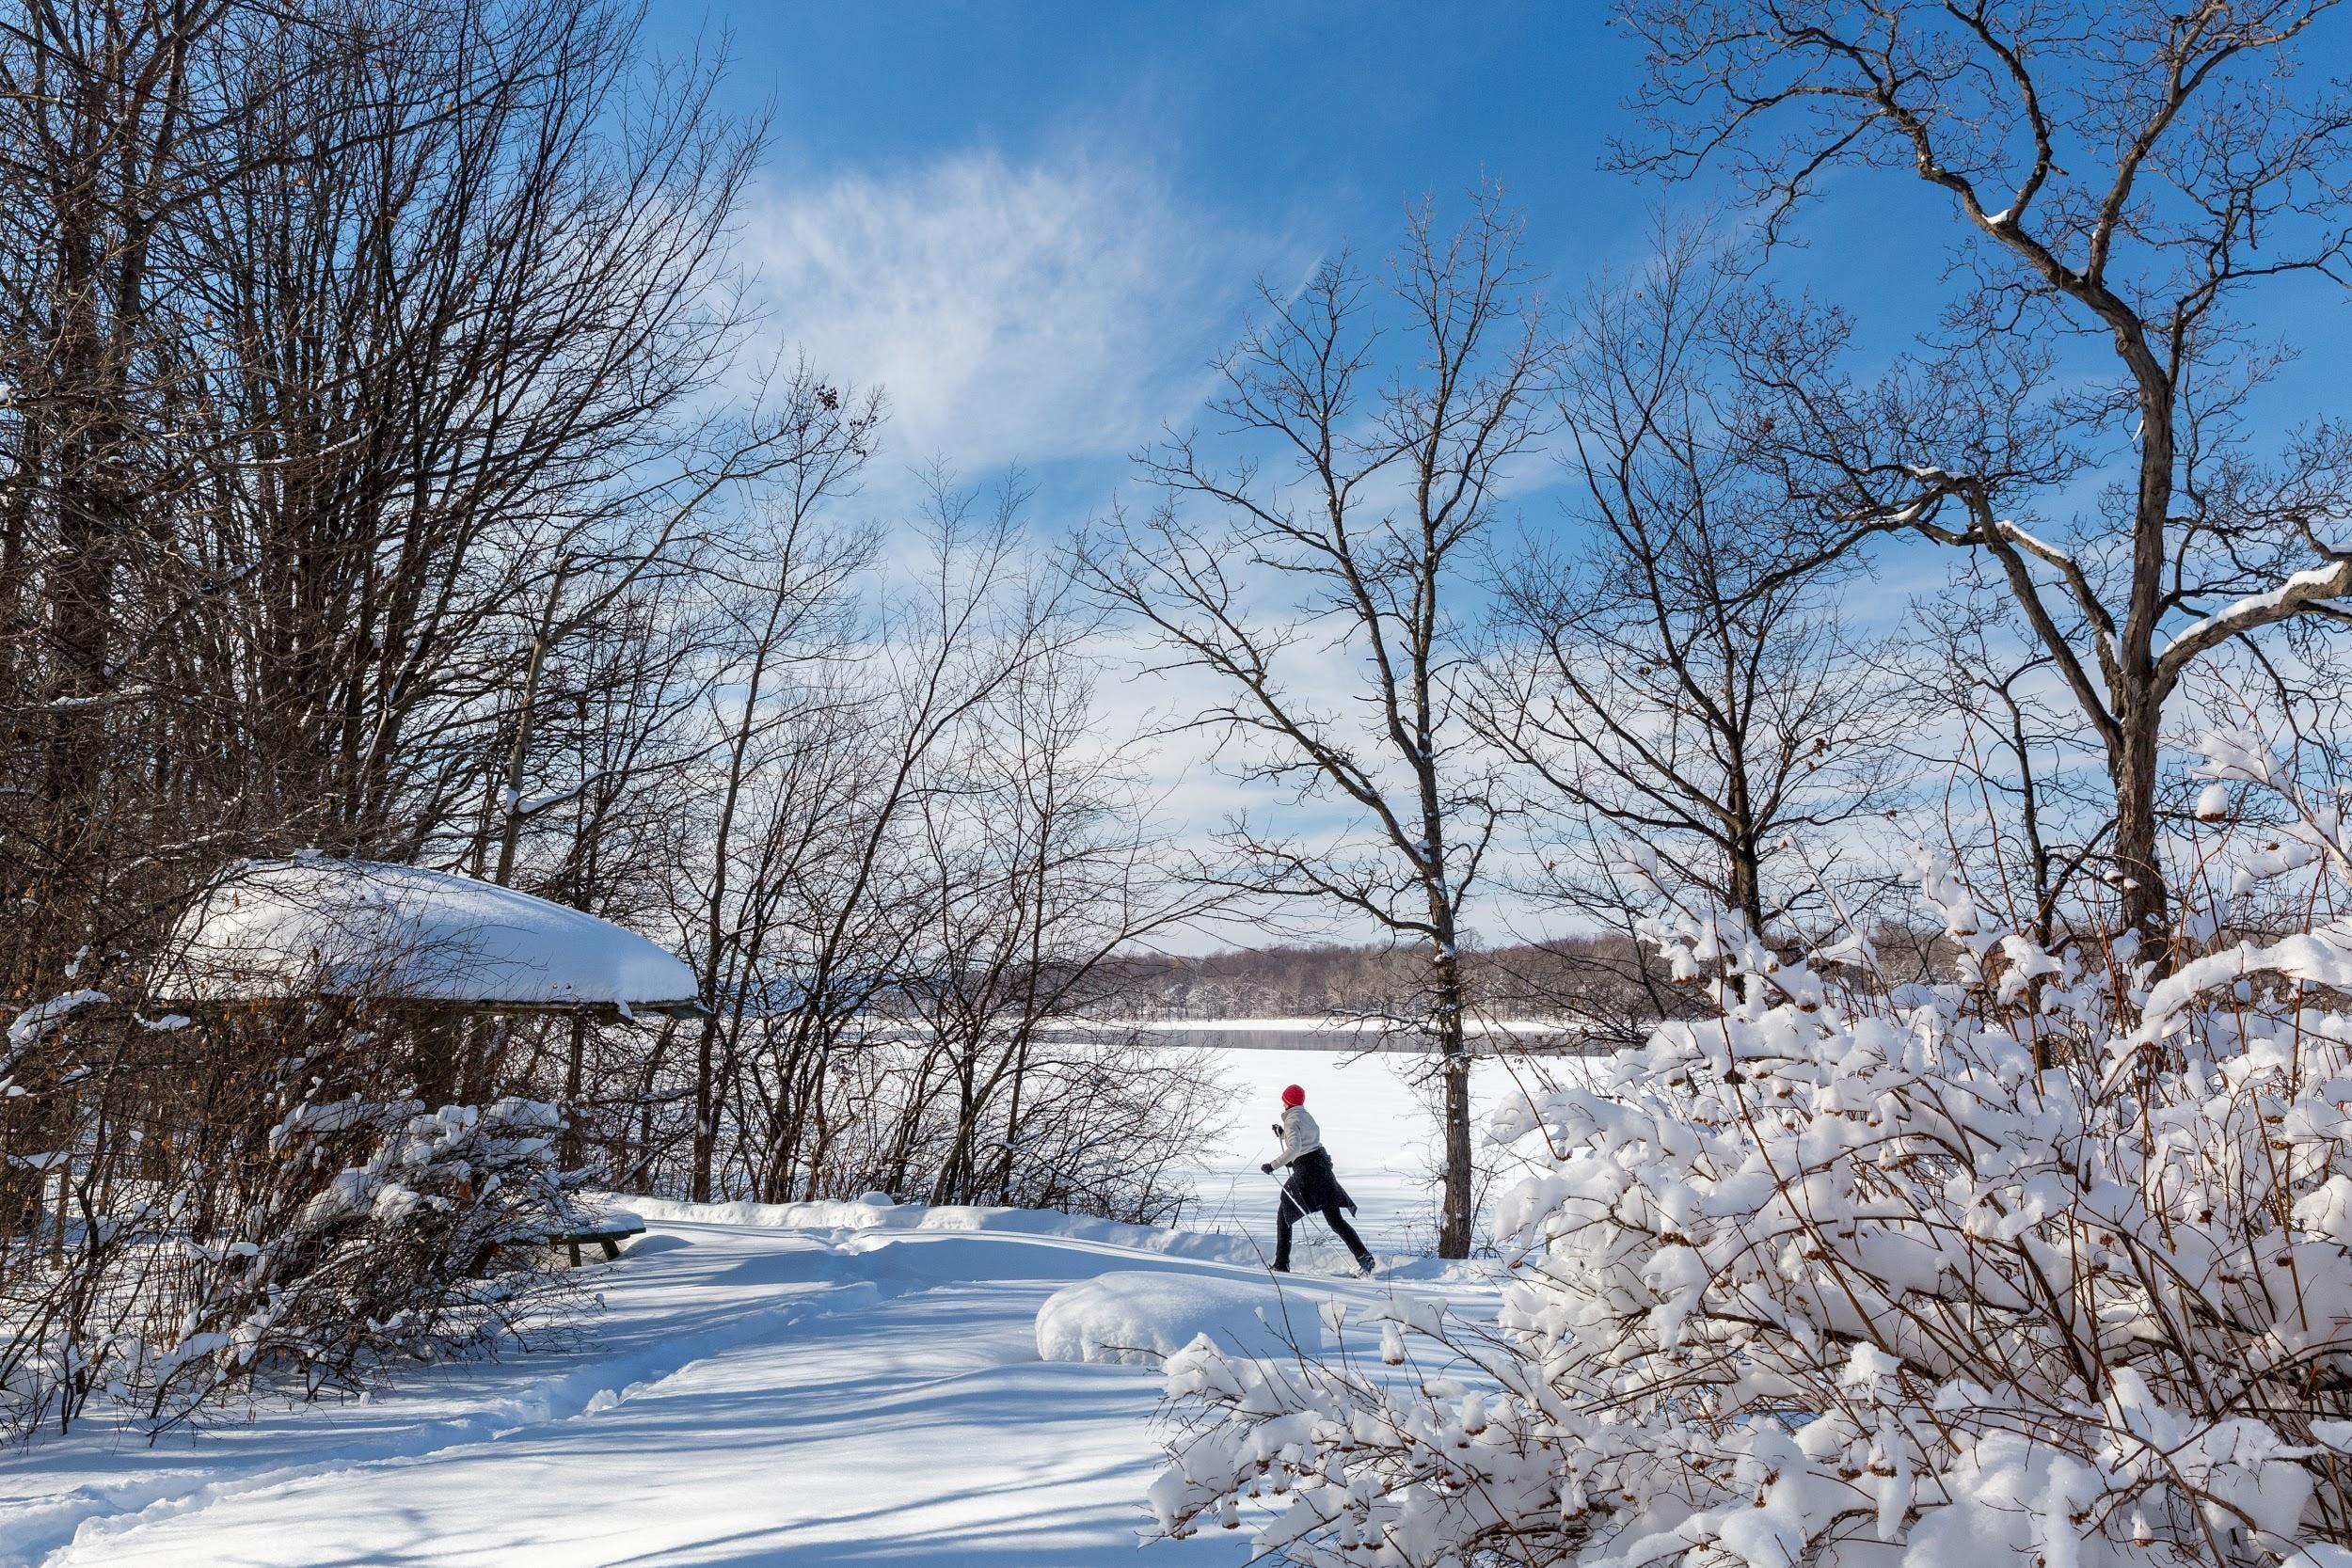 Snow-covered ski trails